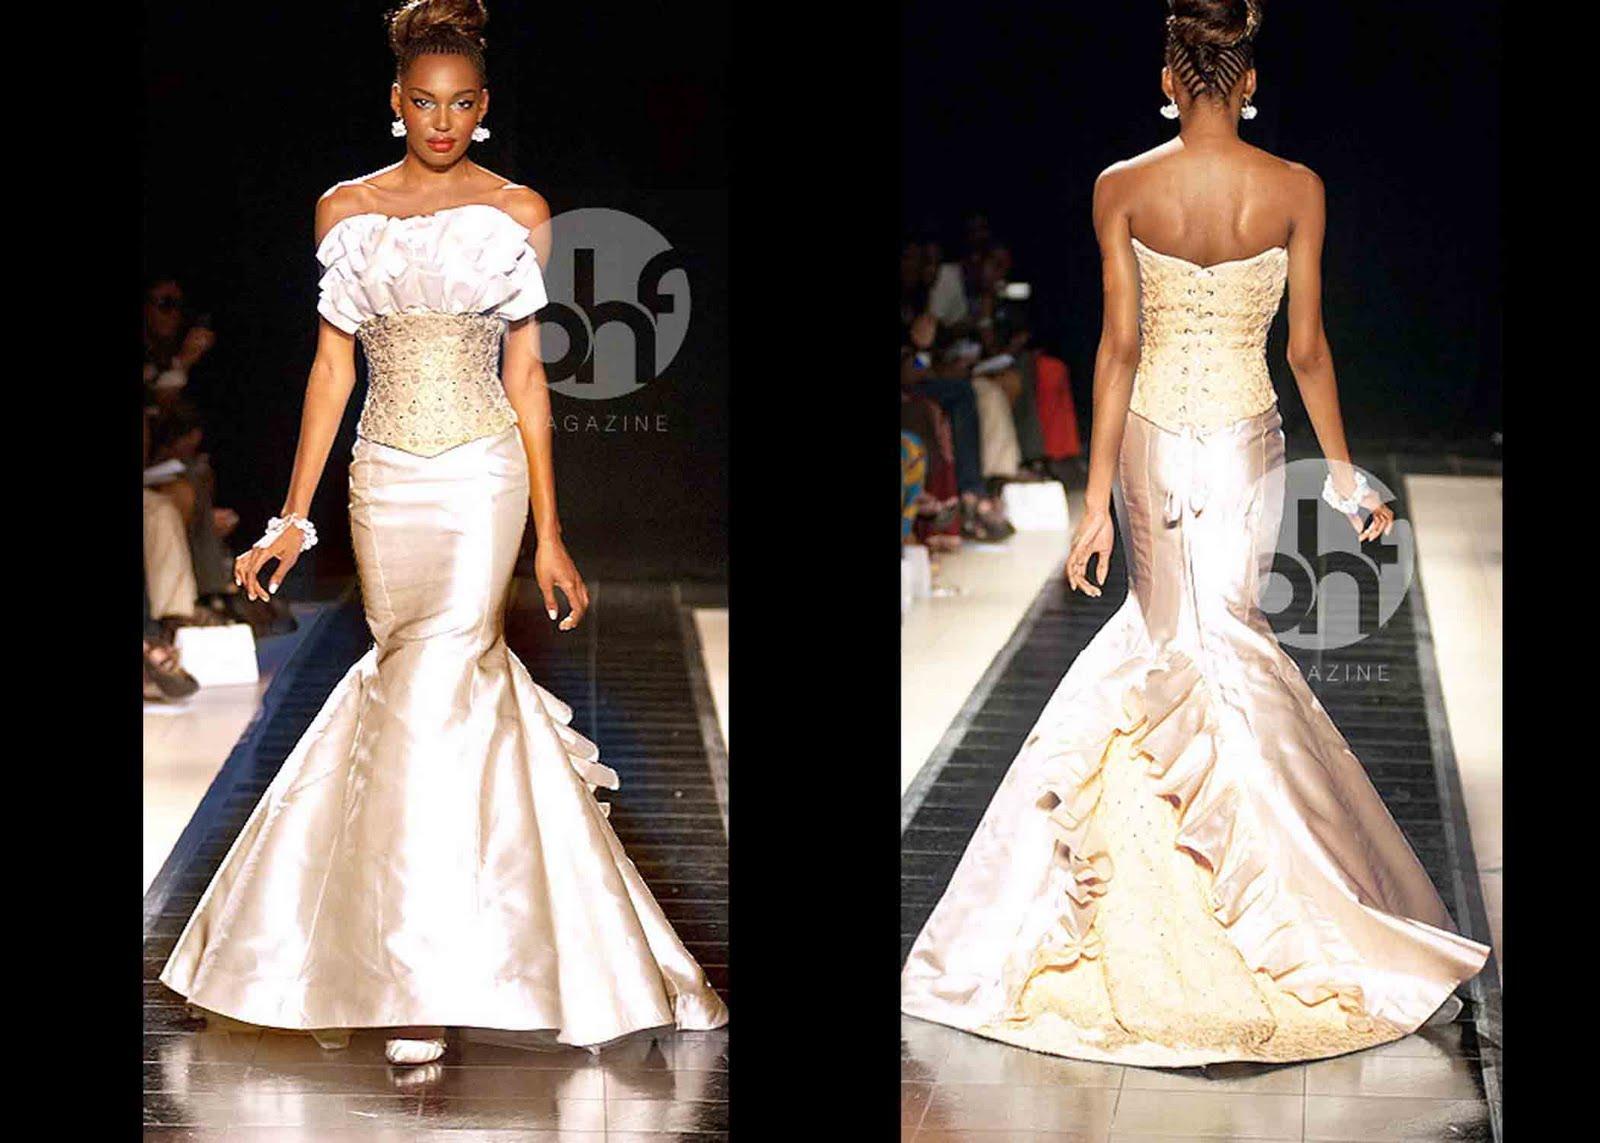 http://1.bp.blogspot.com/_C_Vgx8hXr3E/TMF3K2noyWI/AAAAAAAAAA4/5xDQgwXYKV0/s1600/afri+cou+Kosibah....jpg